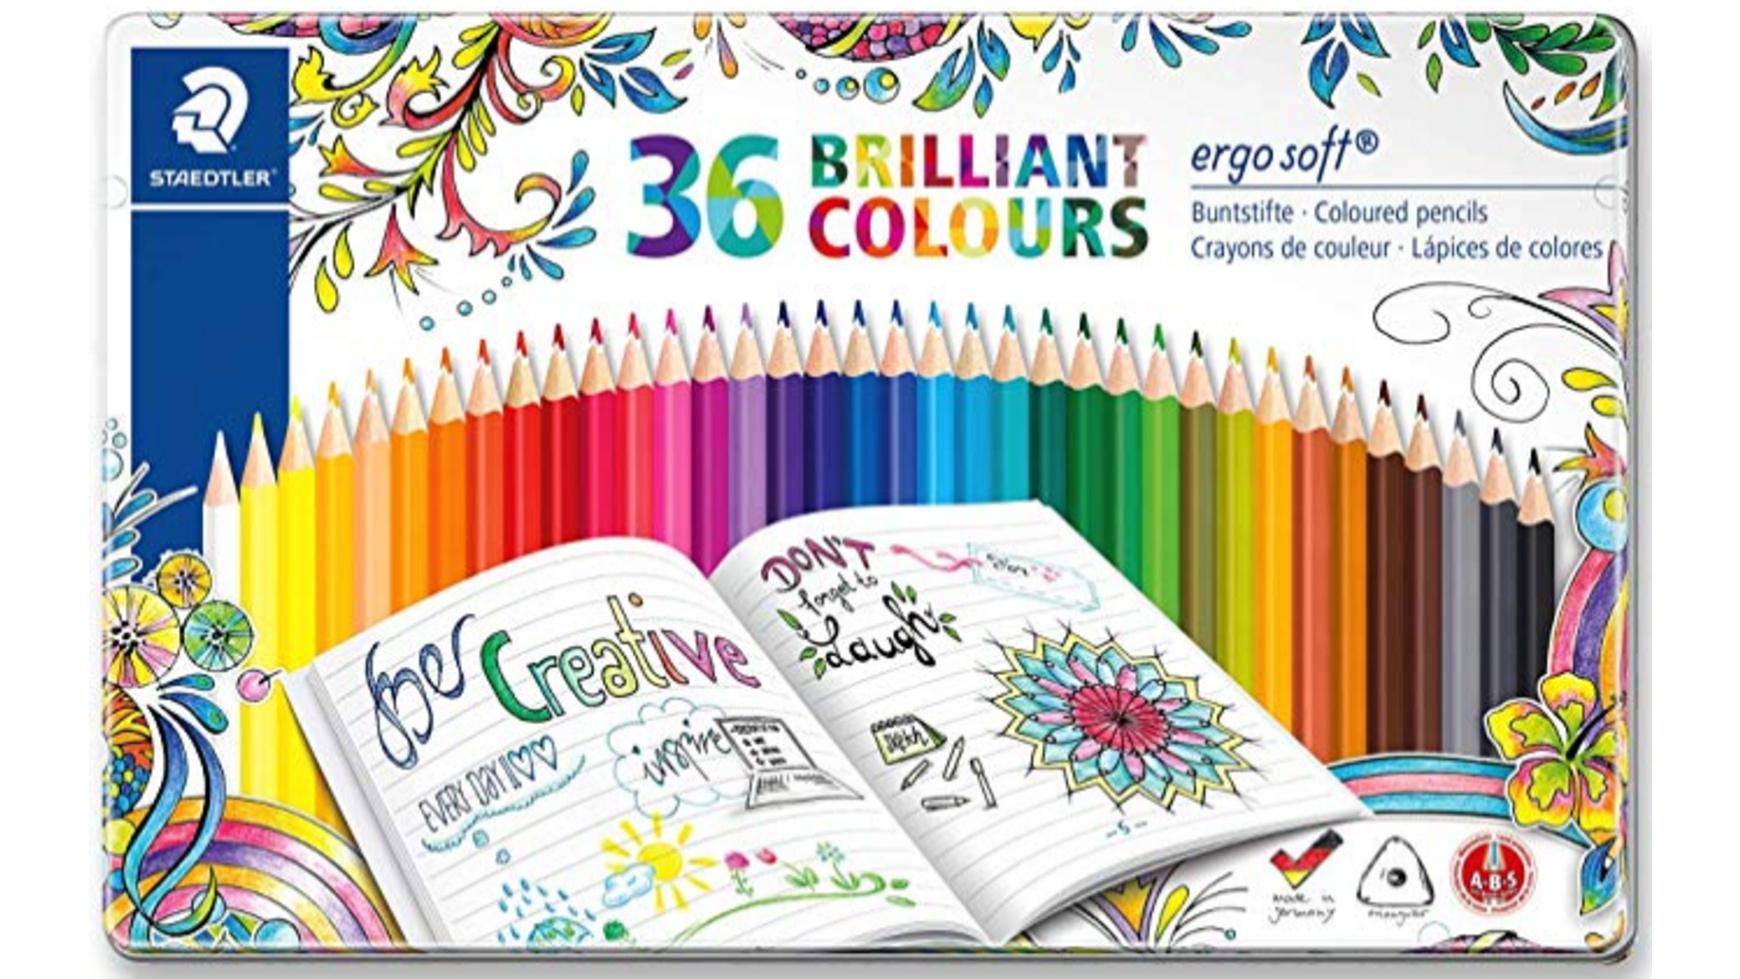 Staedtler ergo soft Buntstifte Assorted Colours 36er Metalletui für 12,99€ (Müller Abholung